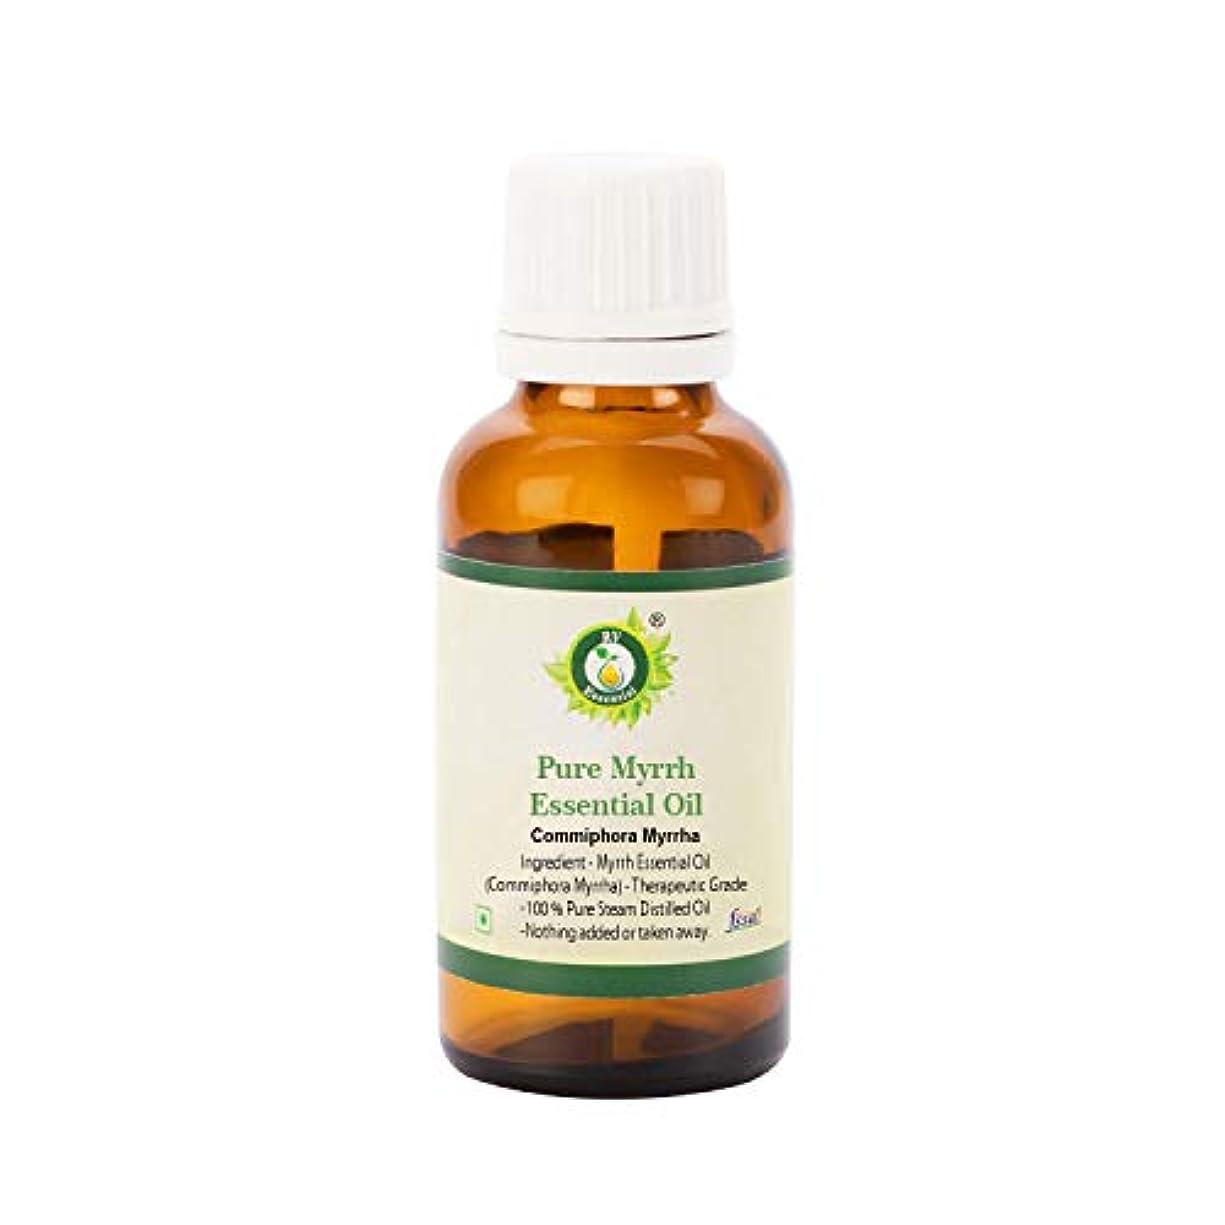 小間合成鋭くR V Essential ピュアミルラエッセンシャルオイル30ml (1.01oz)- Commiphora Myrrha (100%純粋&天然スチームDistilled) Pure Myrrh Essential Oil